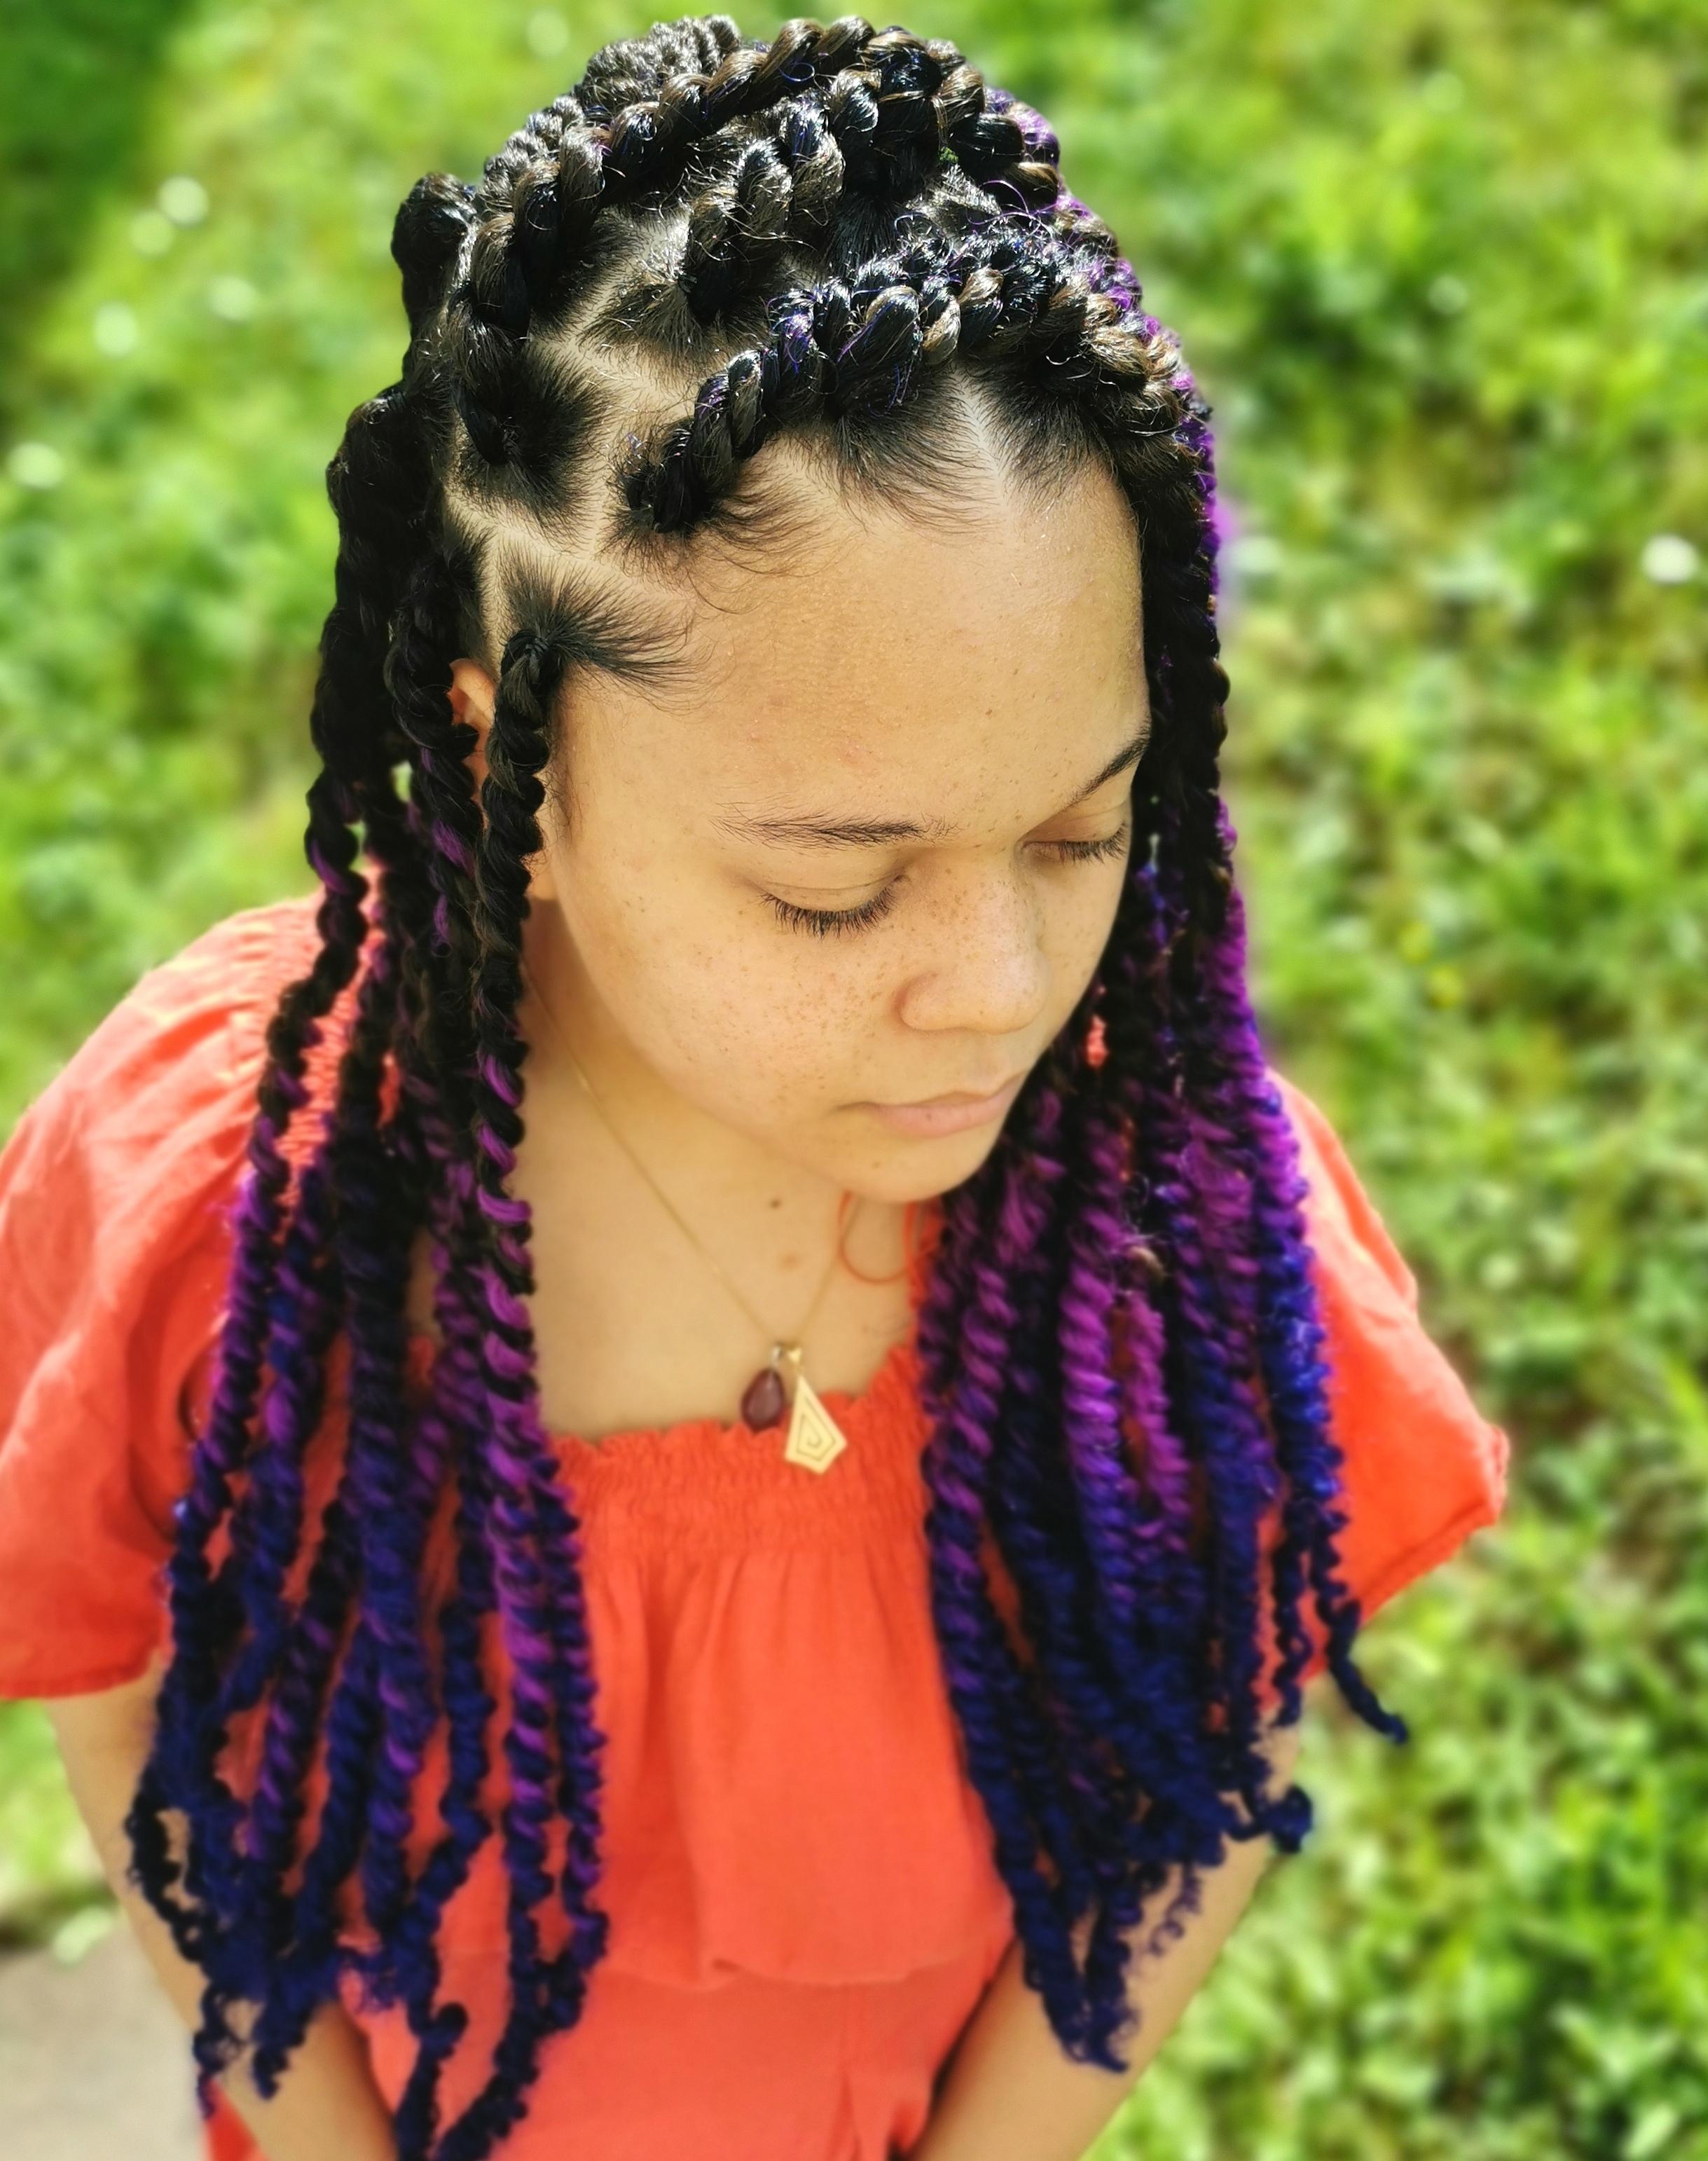 salon de coiffure afro tresse tresses box braids crochet braids vanilles tissages paris 75 77 78 91 92 93 94 95 WBFIYXEM